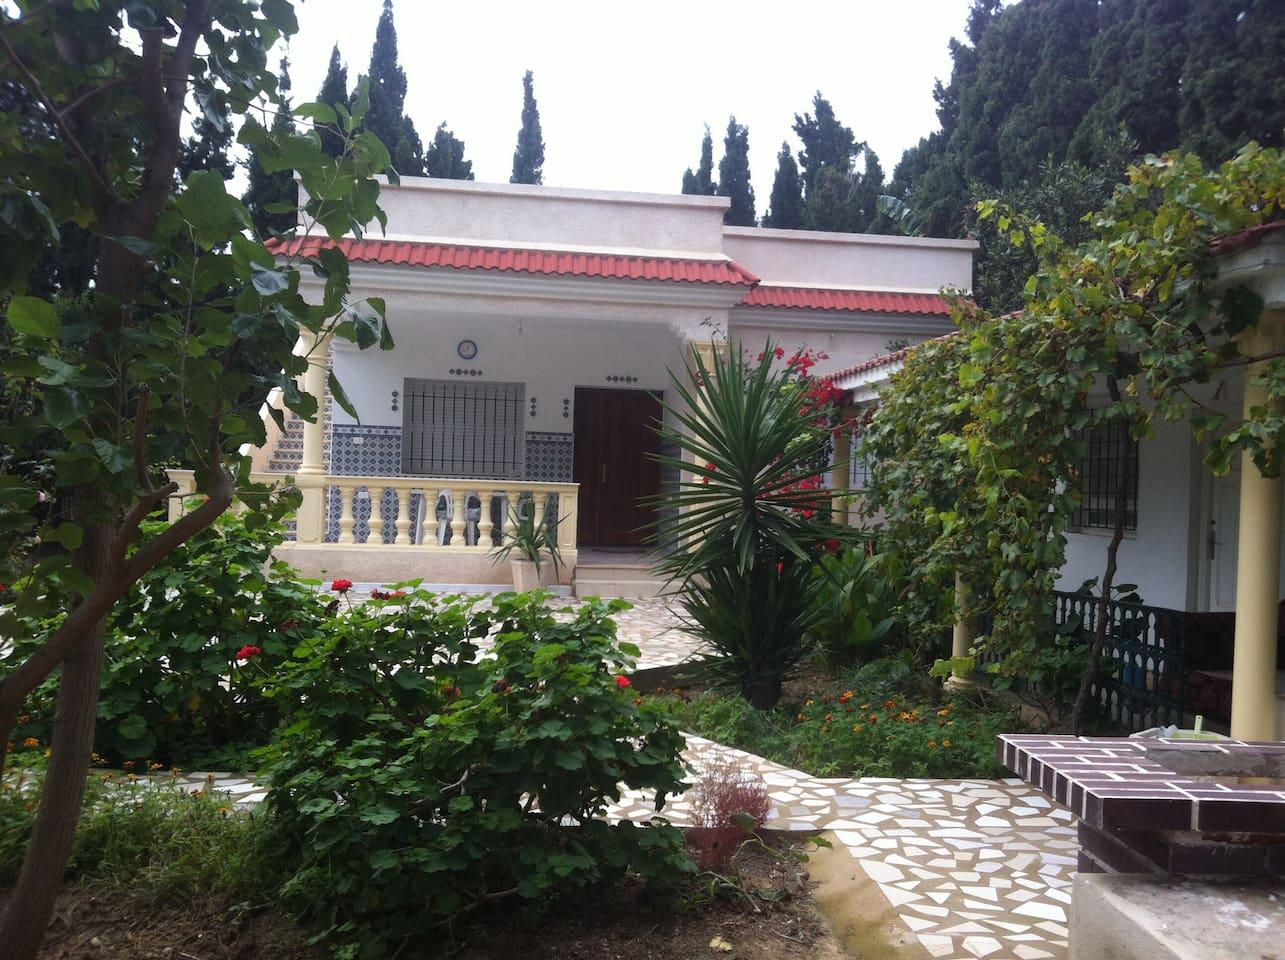 La maison et le beau jardin autour